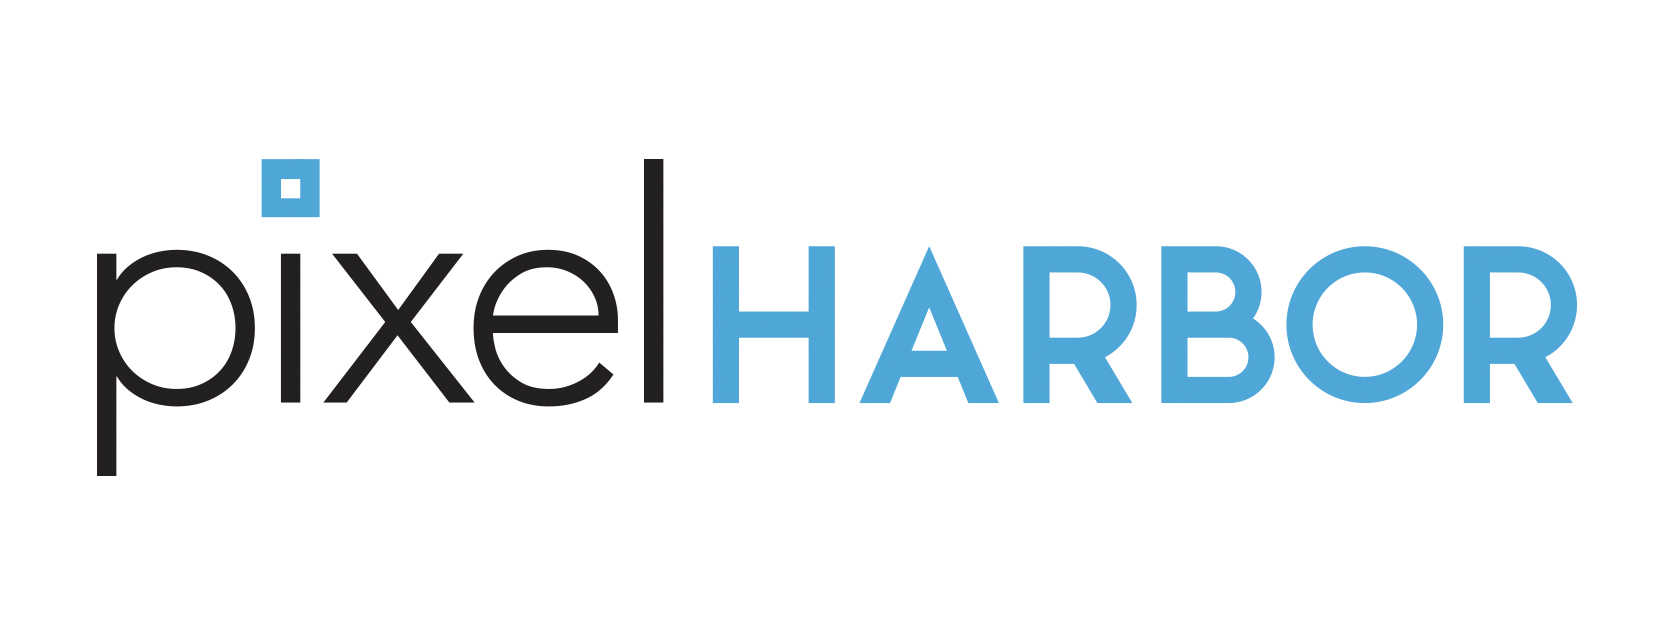 Pixel Harbor